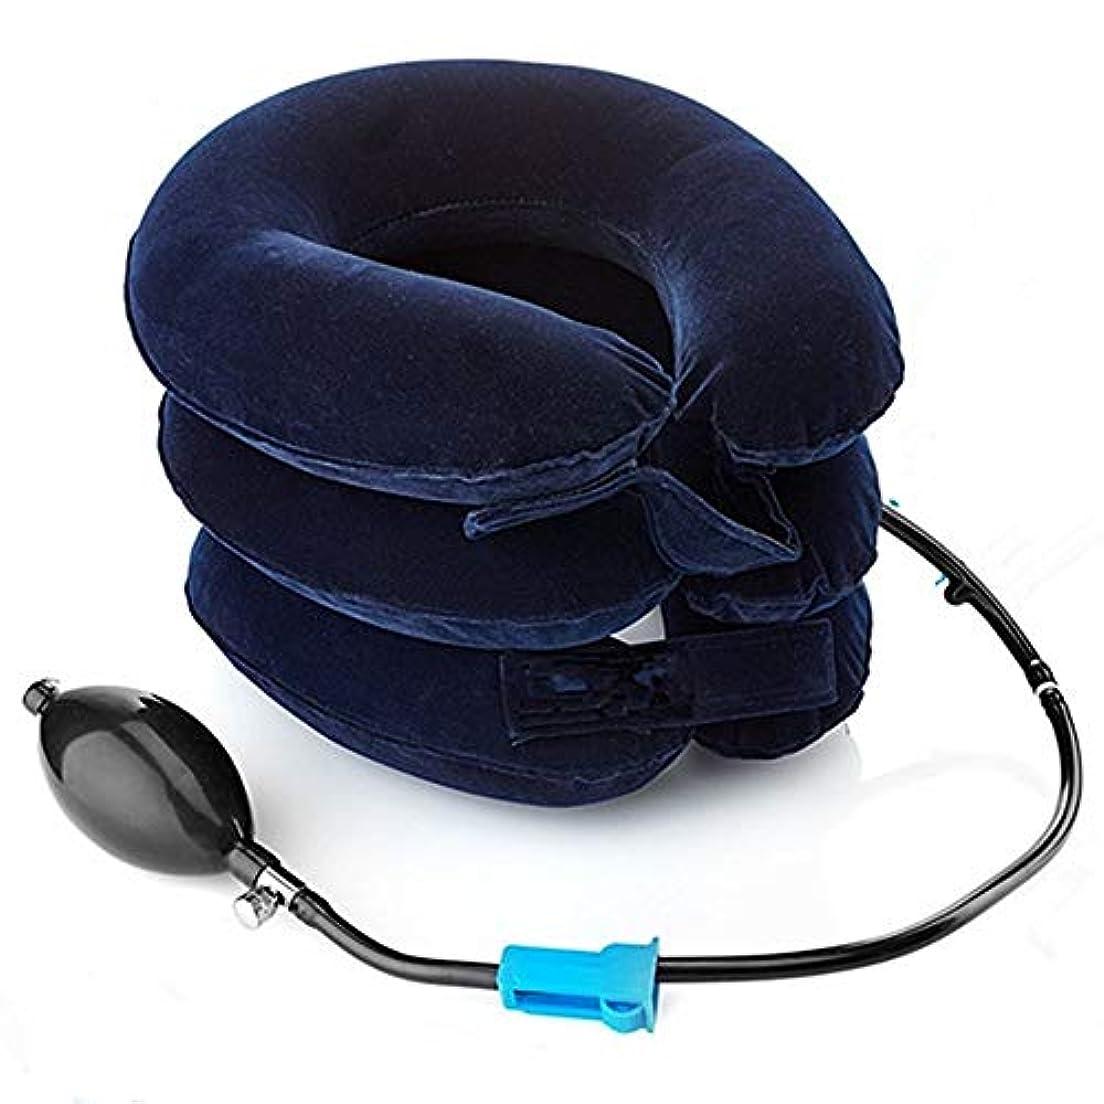 楽しむ悲観主義者貫入子宮頸管牽引装置FDA登録 - ホームトラクション背骨の整列のためのインフレータブル&調節可能なネックストレッチャーカラー